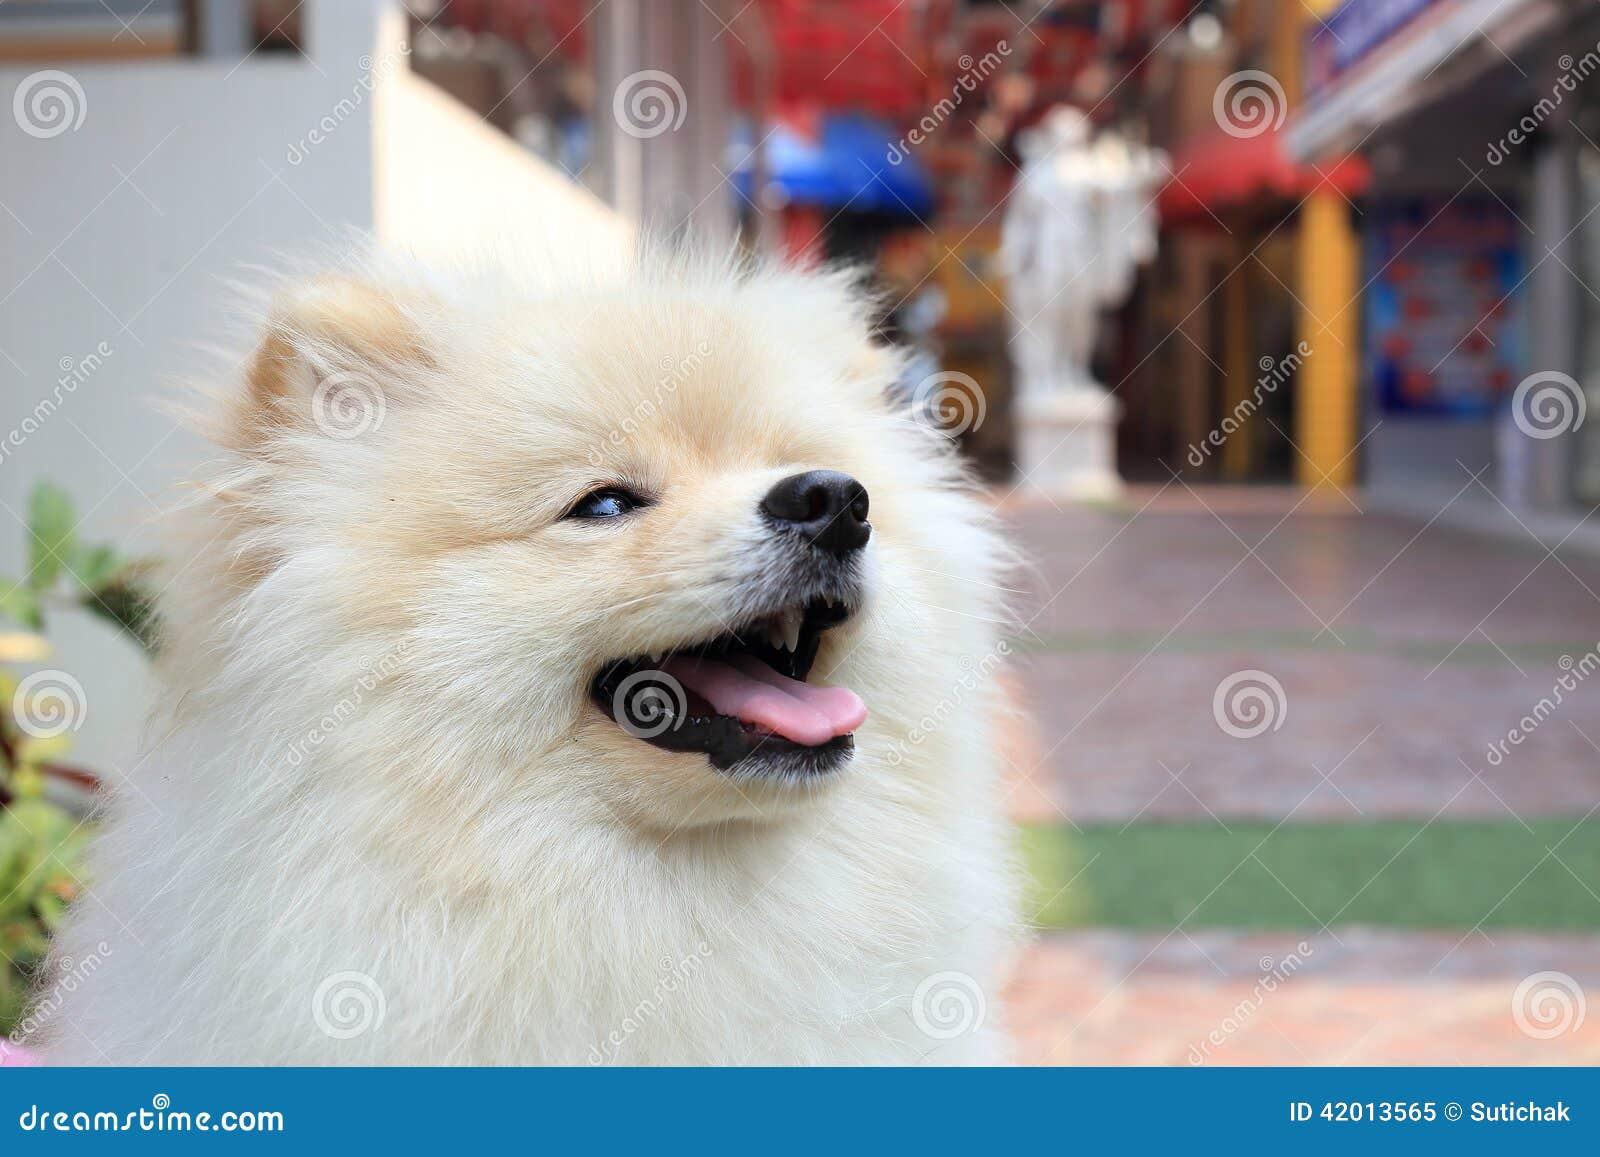 Pomeranian Puppy Dog Stock Image Image Of House Show 42013565